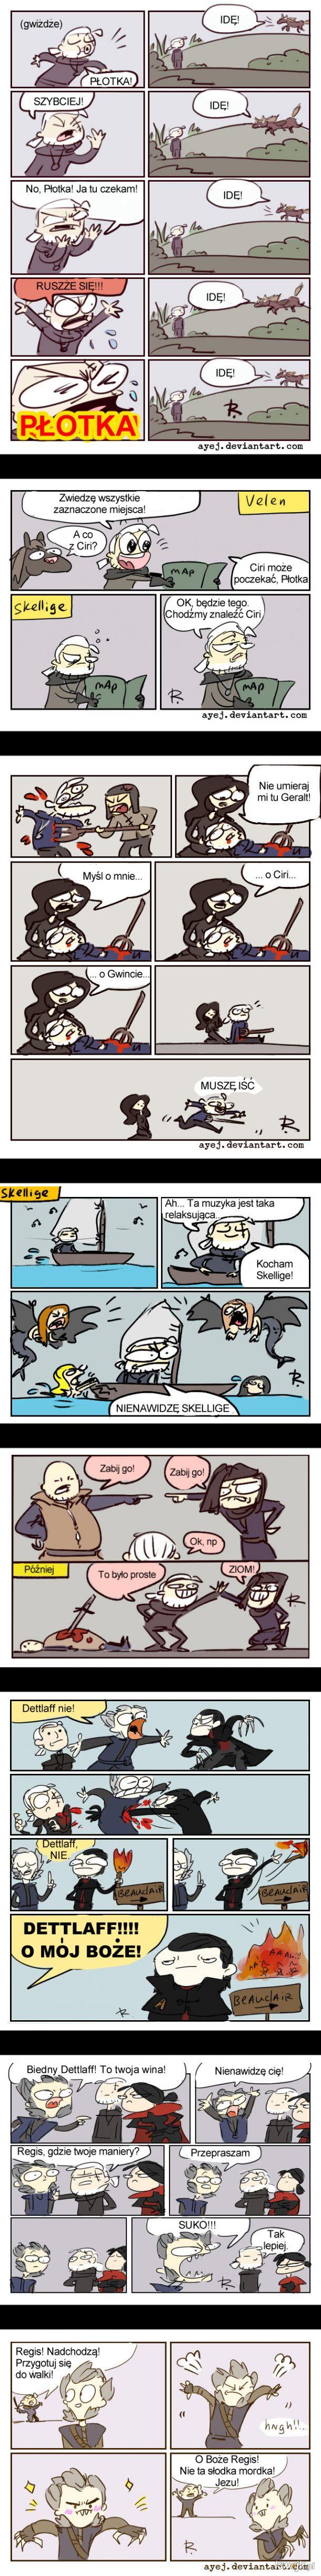 Wiedźminowe Komiksy (by Ayej)